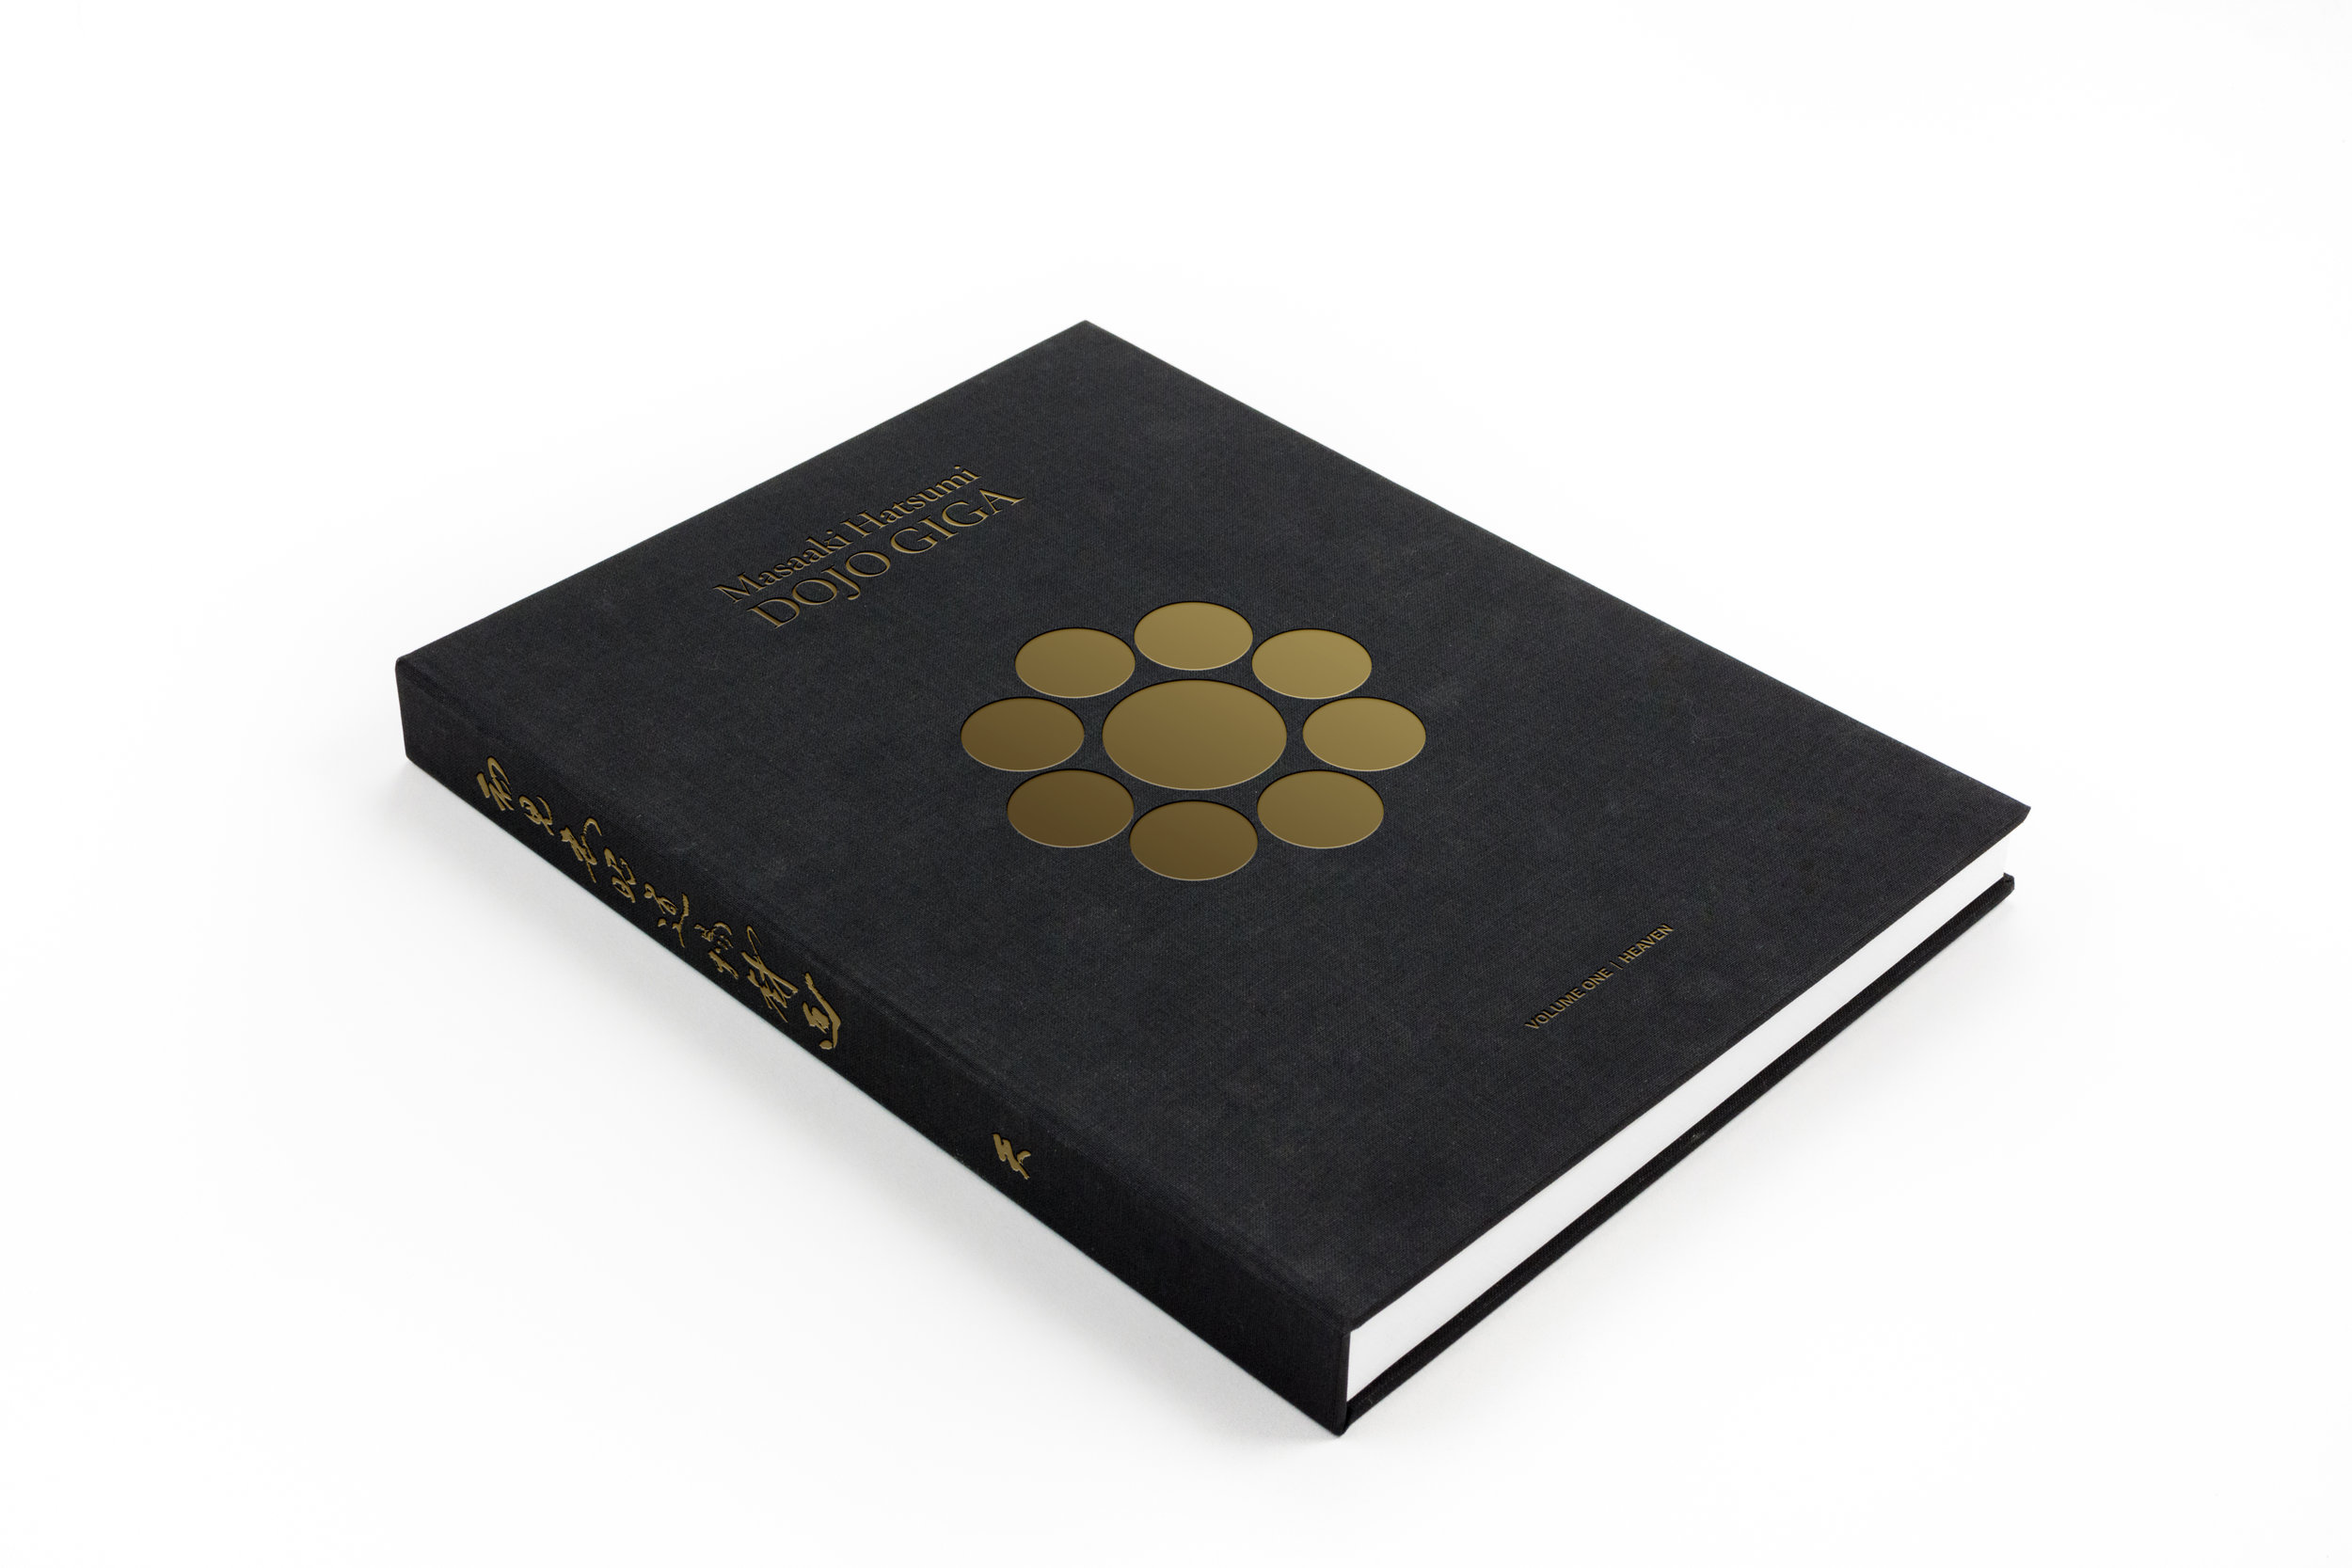 DojoGiga_book-3_cov with foil stamp.jpg